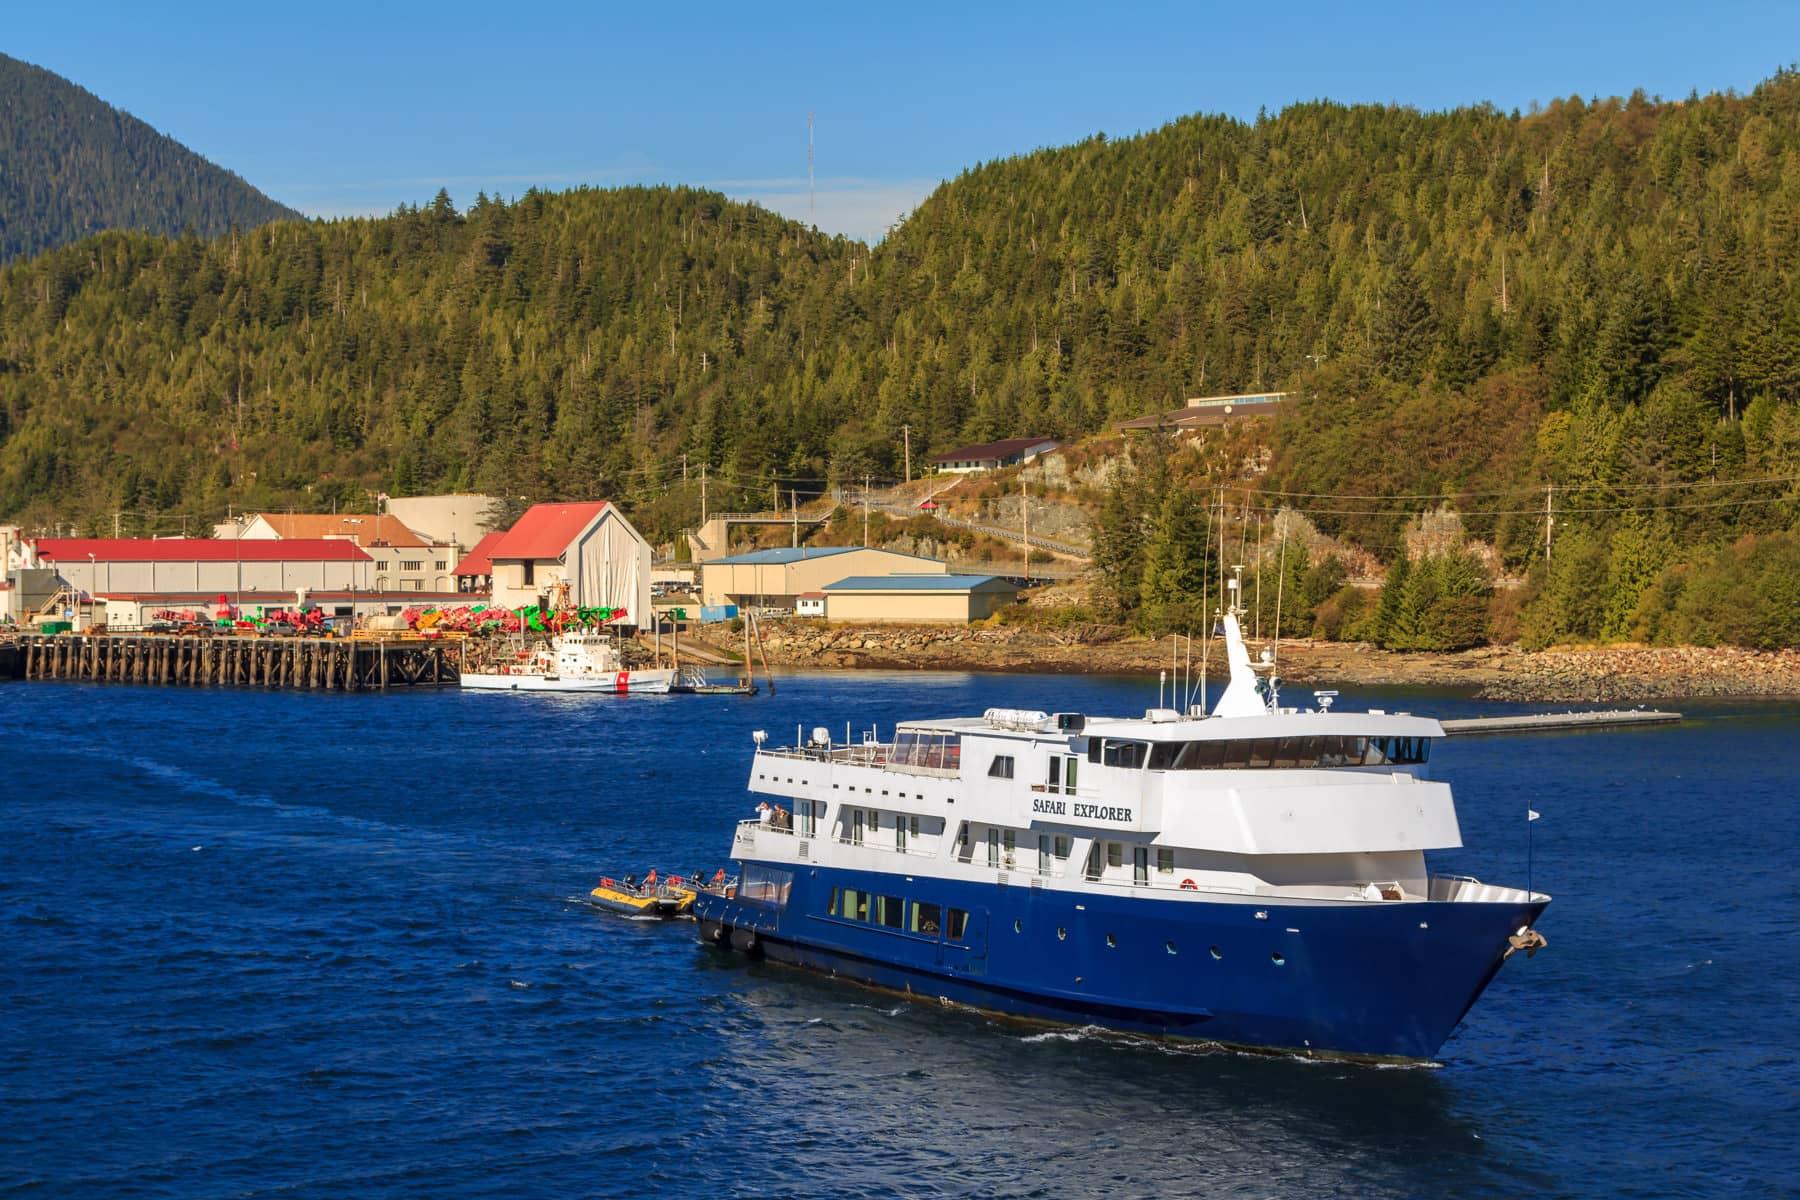 Un-Cruise Adventures' small cruise ship Safari Explorer sails the Tongass Narrows at Ketchikan, Alaska.